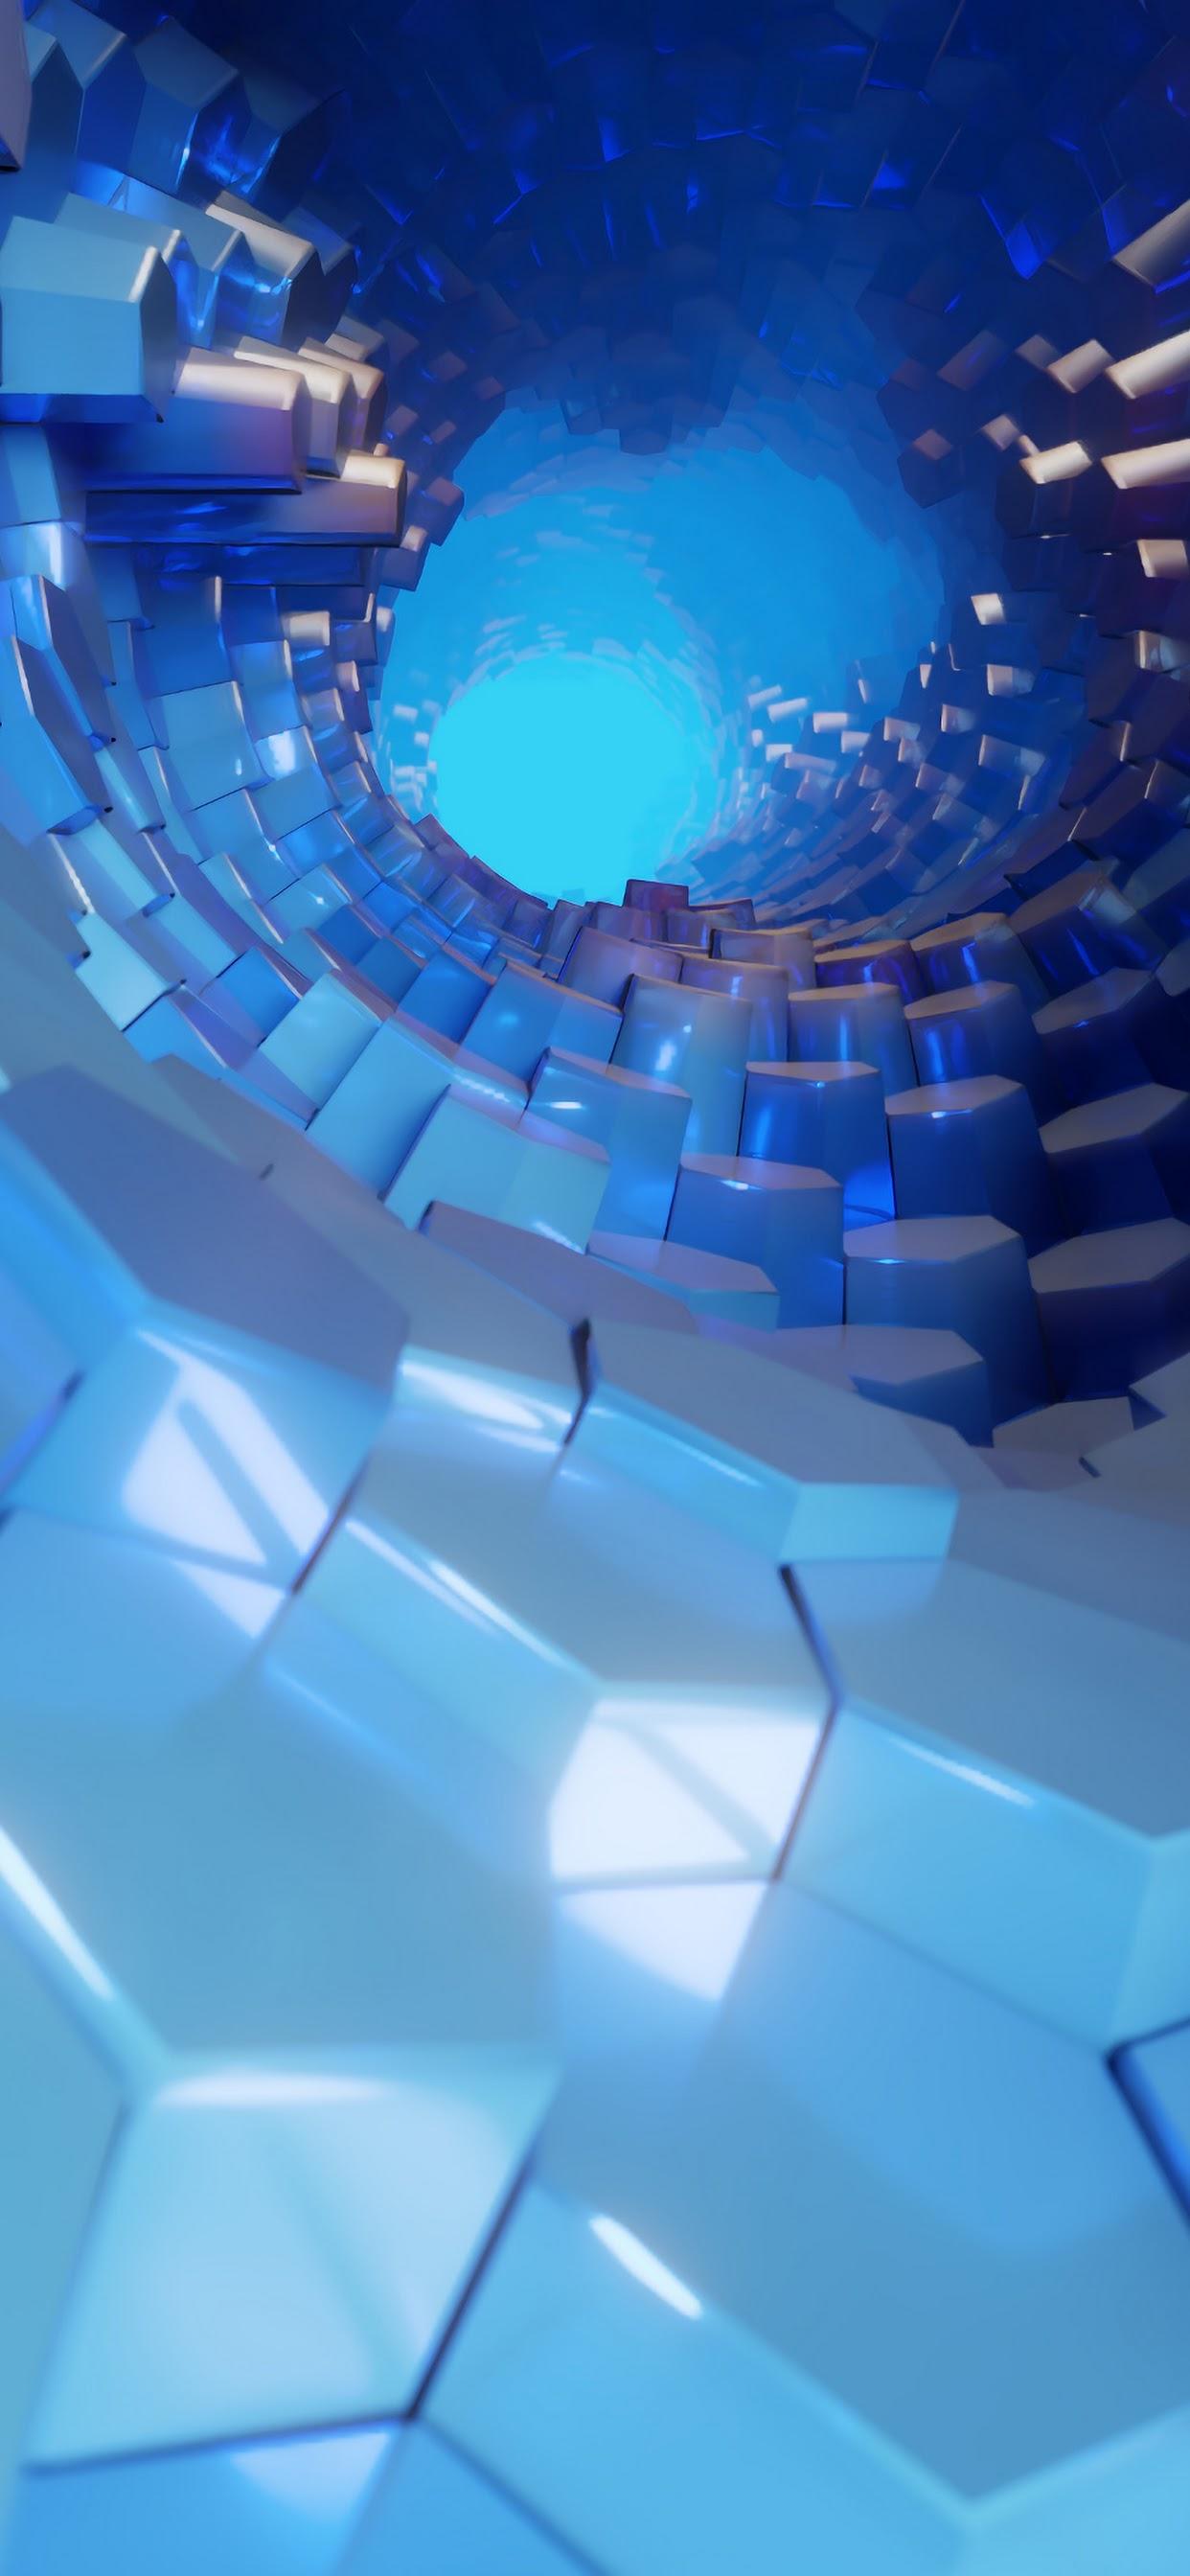 Hexagon 3d Blue Abstract 4k Wallpaper 51